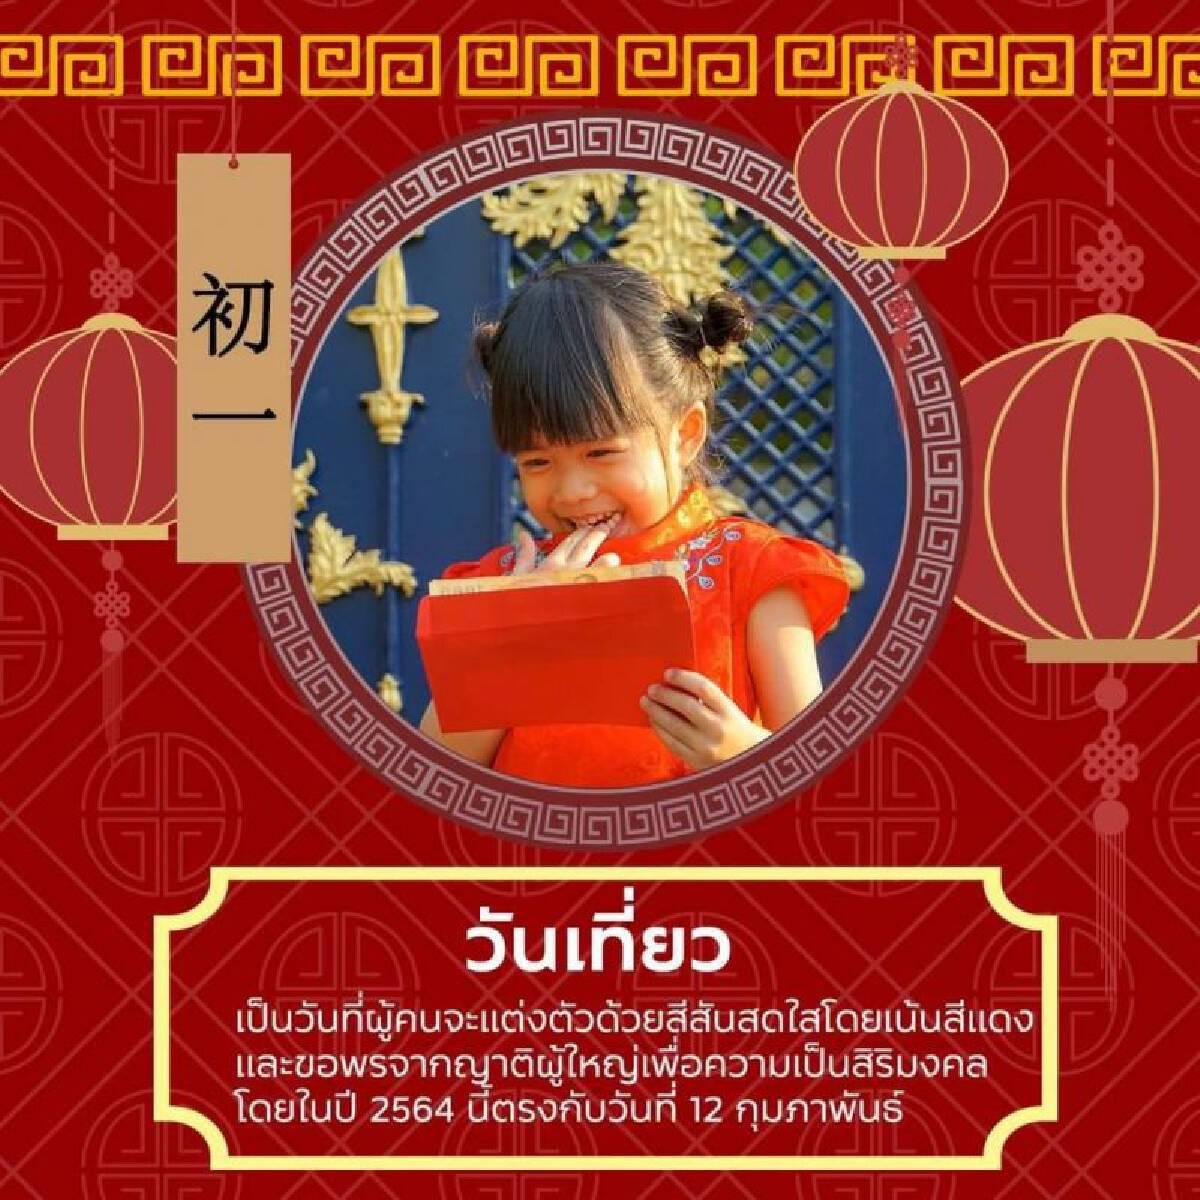 3 วันสำคัญเทศกาลตรุษจีนปี64 ที่จะถึงในสัปดาห์หน้า